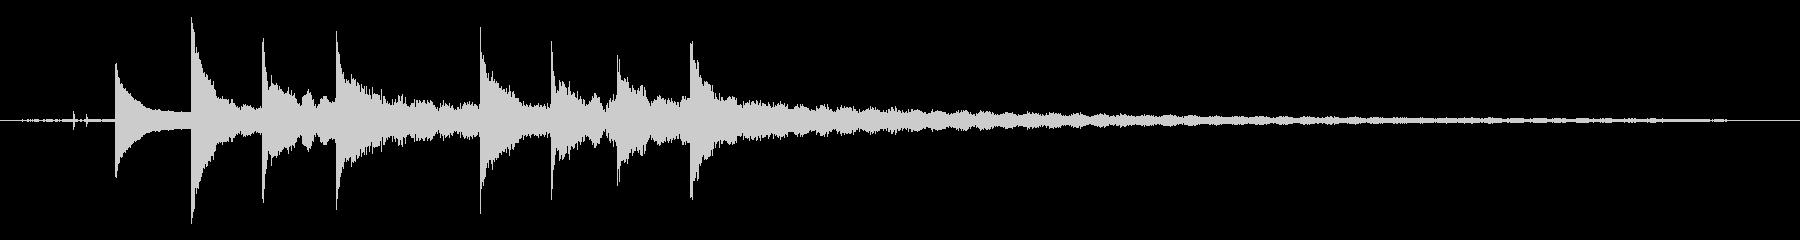 ドアベル、チャイム、メロディ; D...の未再生の波形